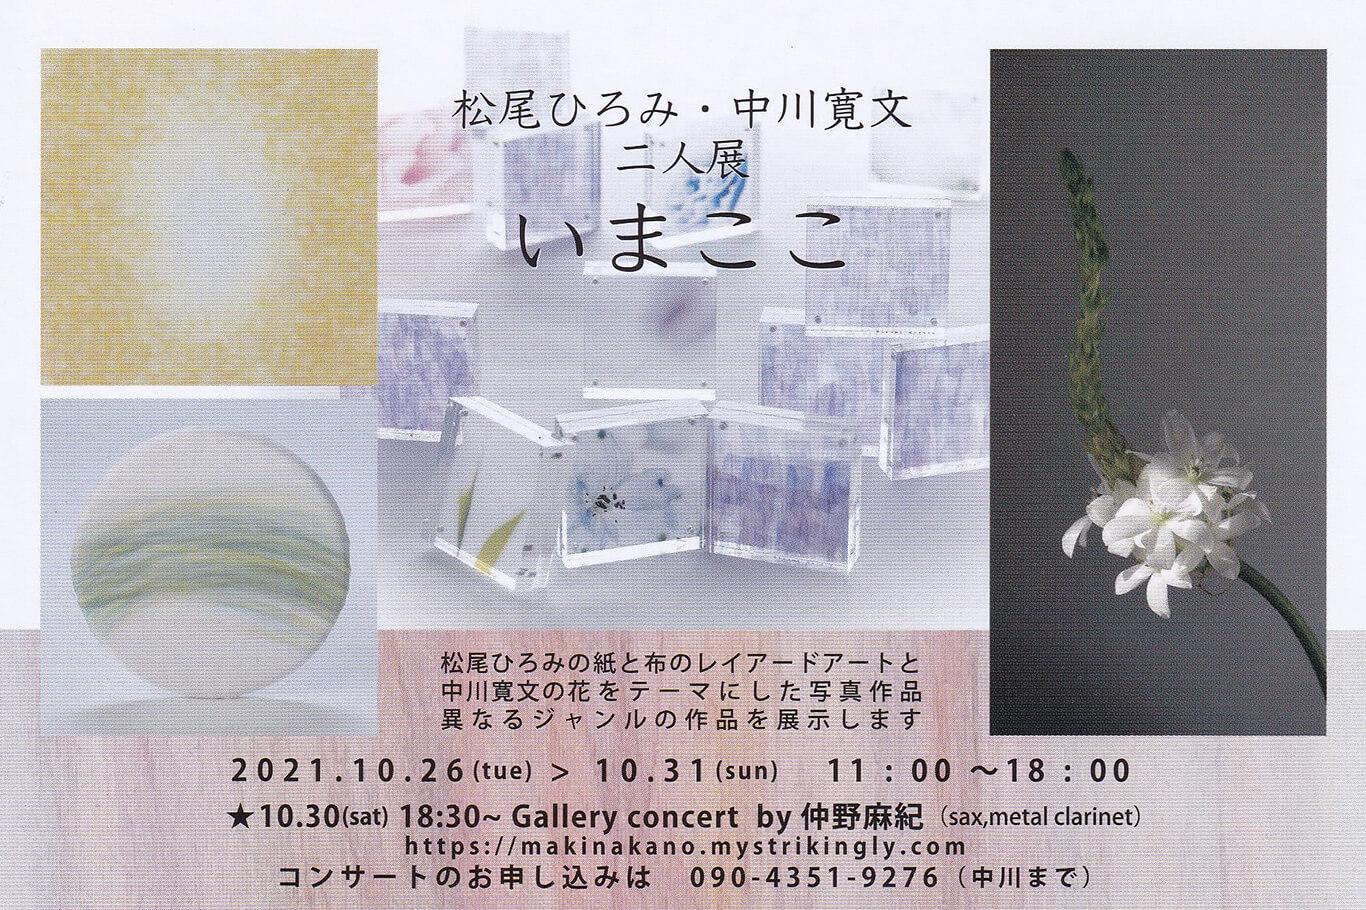 geg-202110-松尾ひろみ・中川寛文 二人展